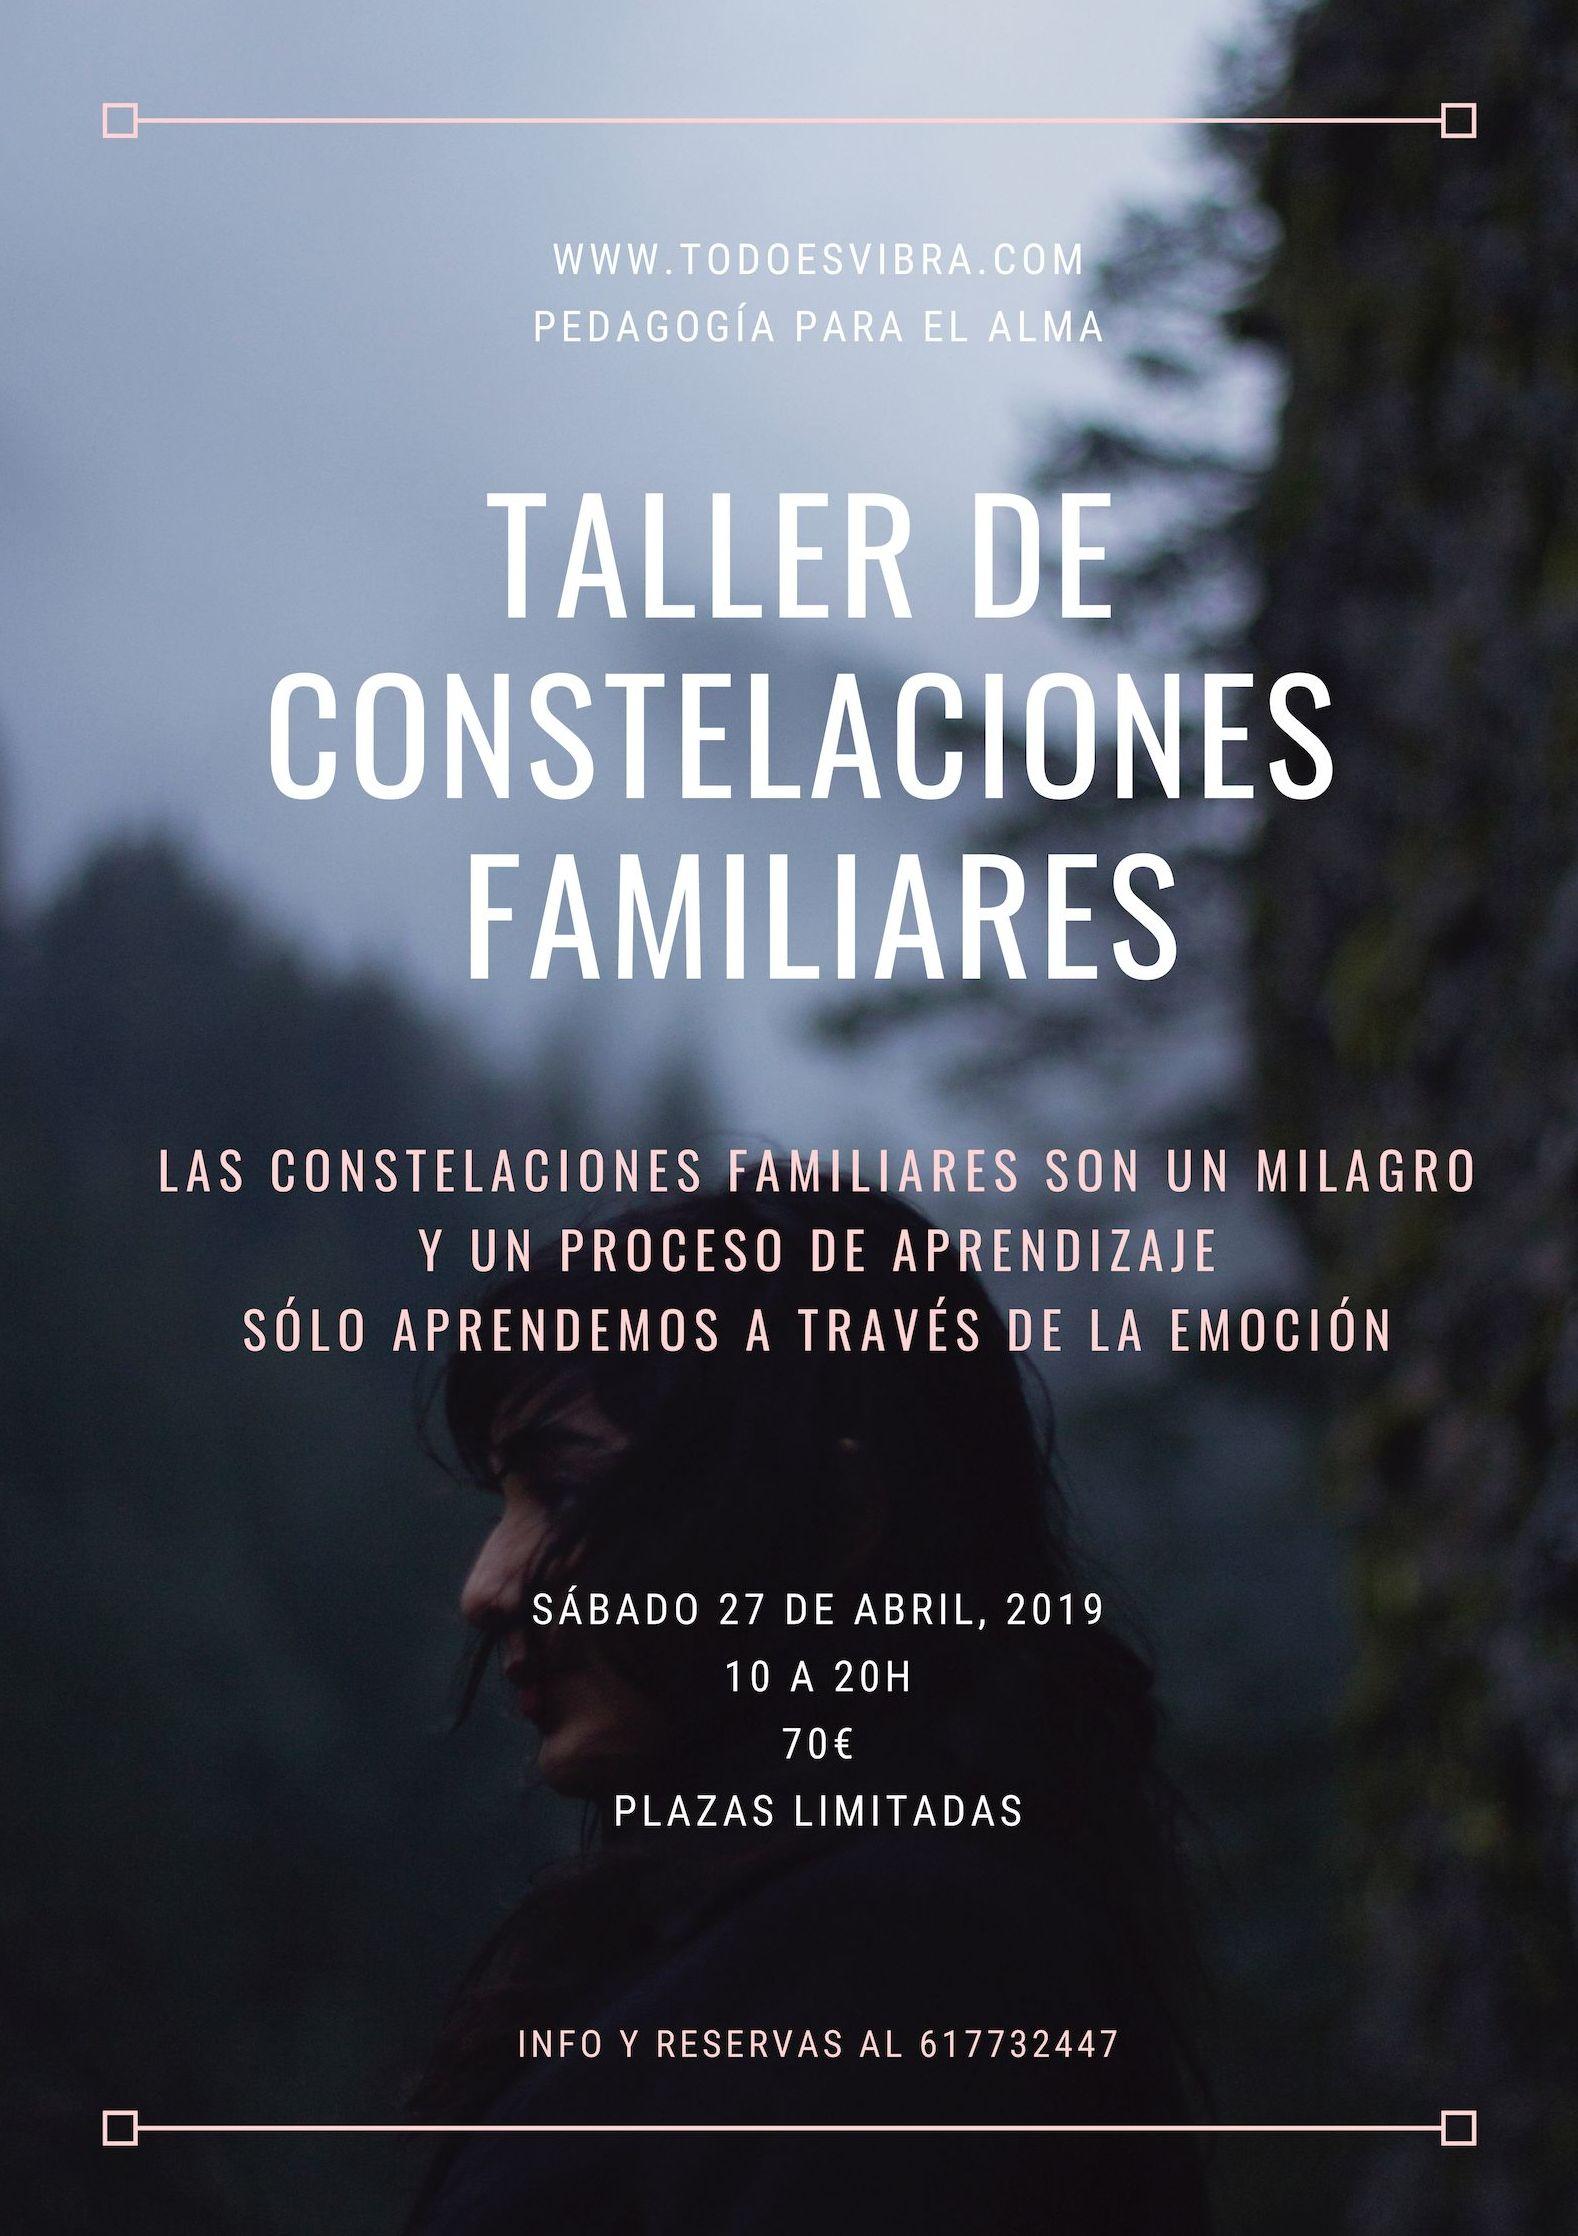 Taller de Constelaciones Familiares SÁBADO 27 DE ABRIL: Tratamientos y cursos de Todo Es Vibra